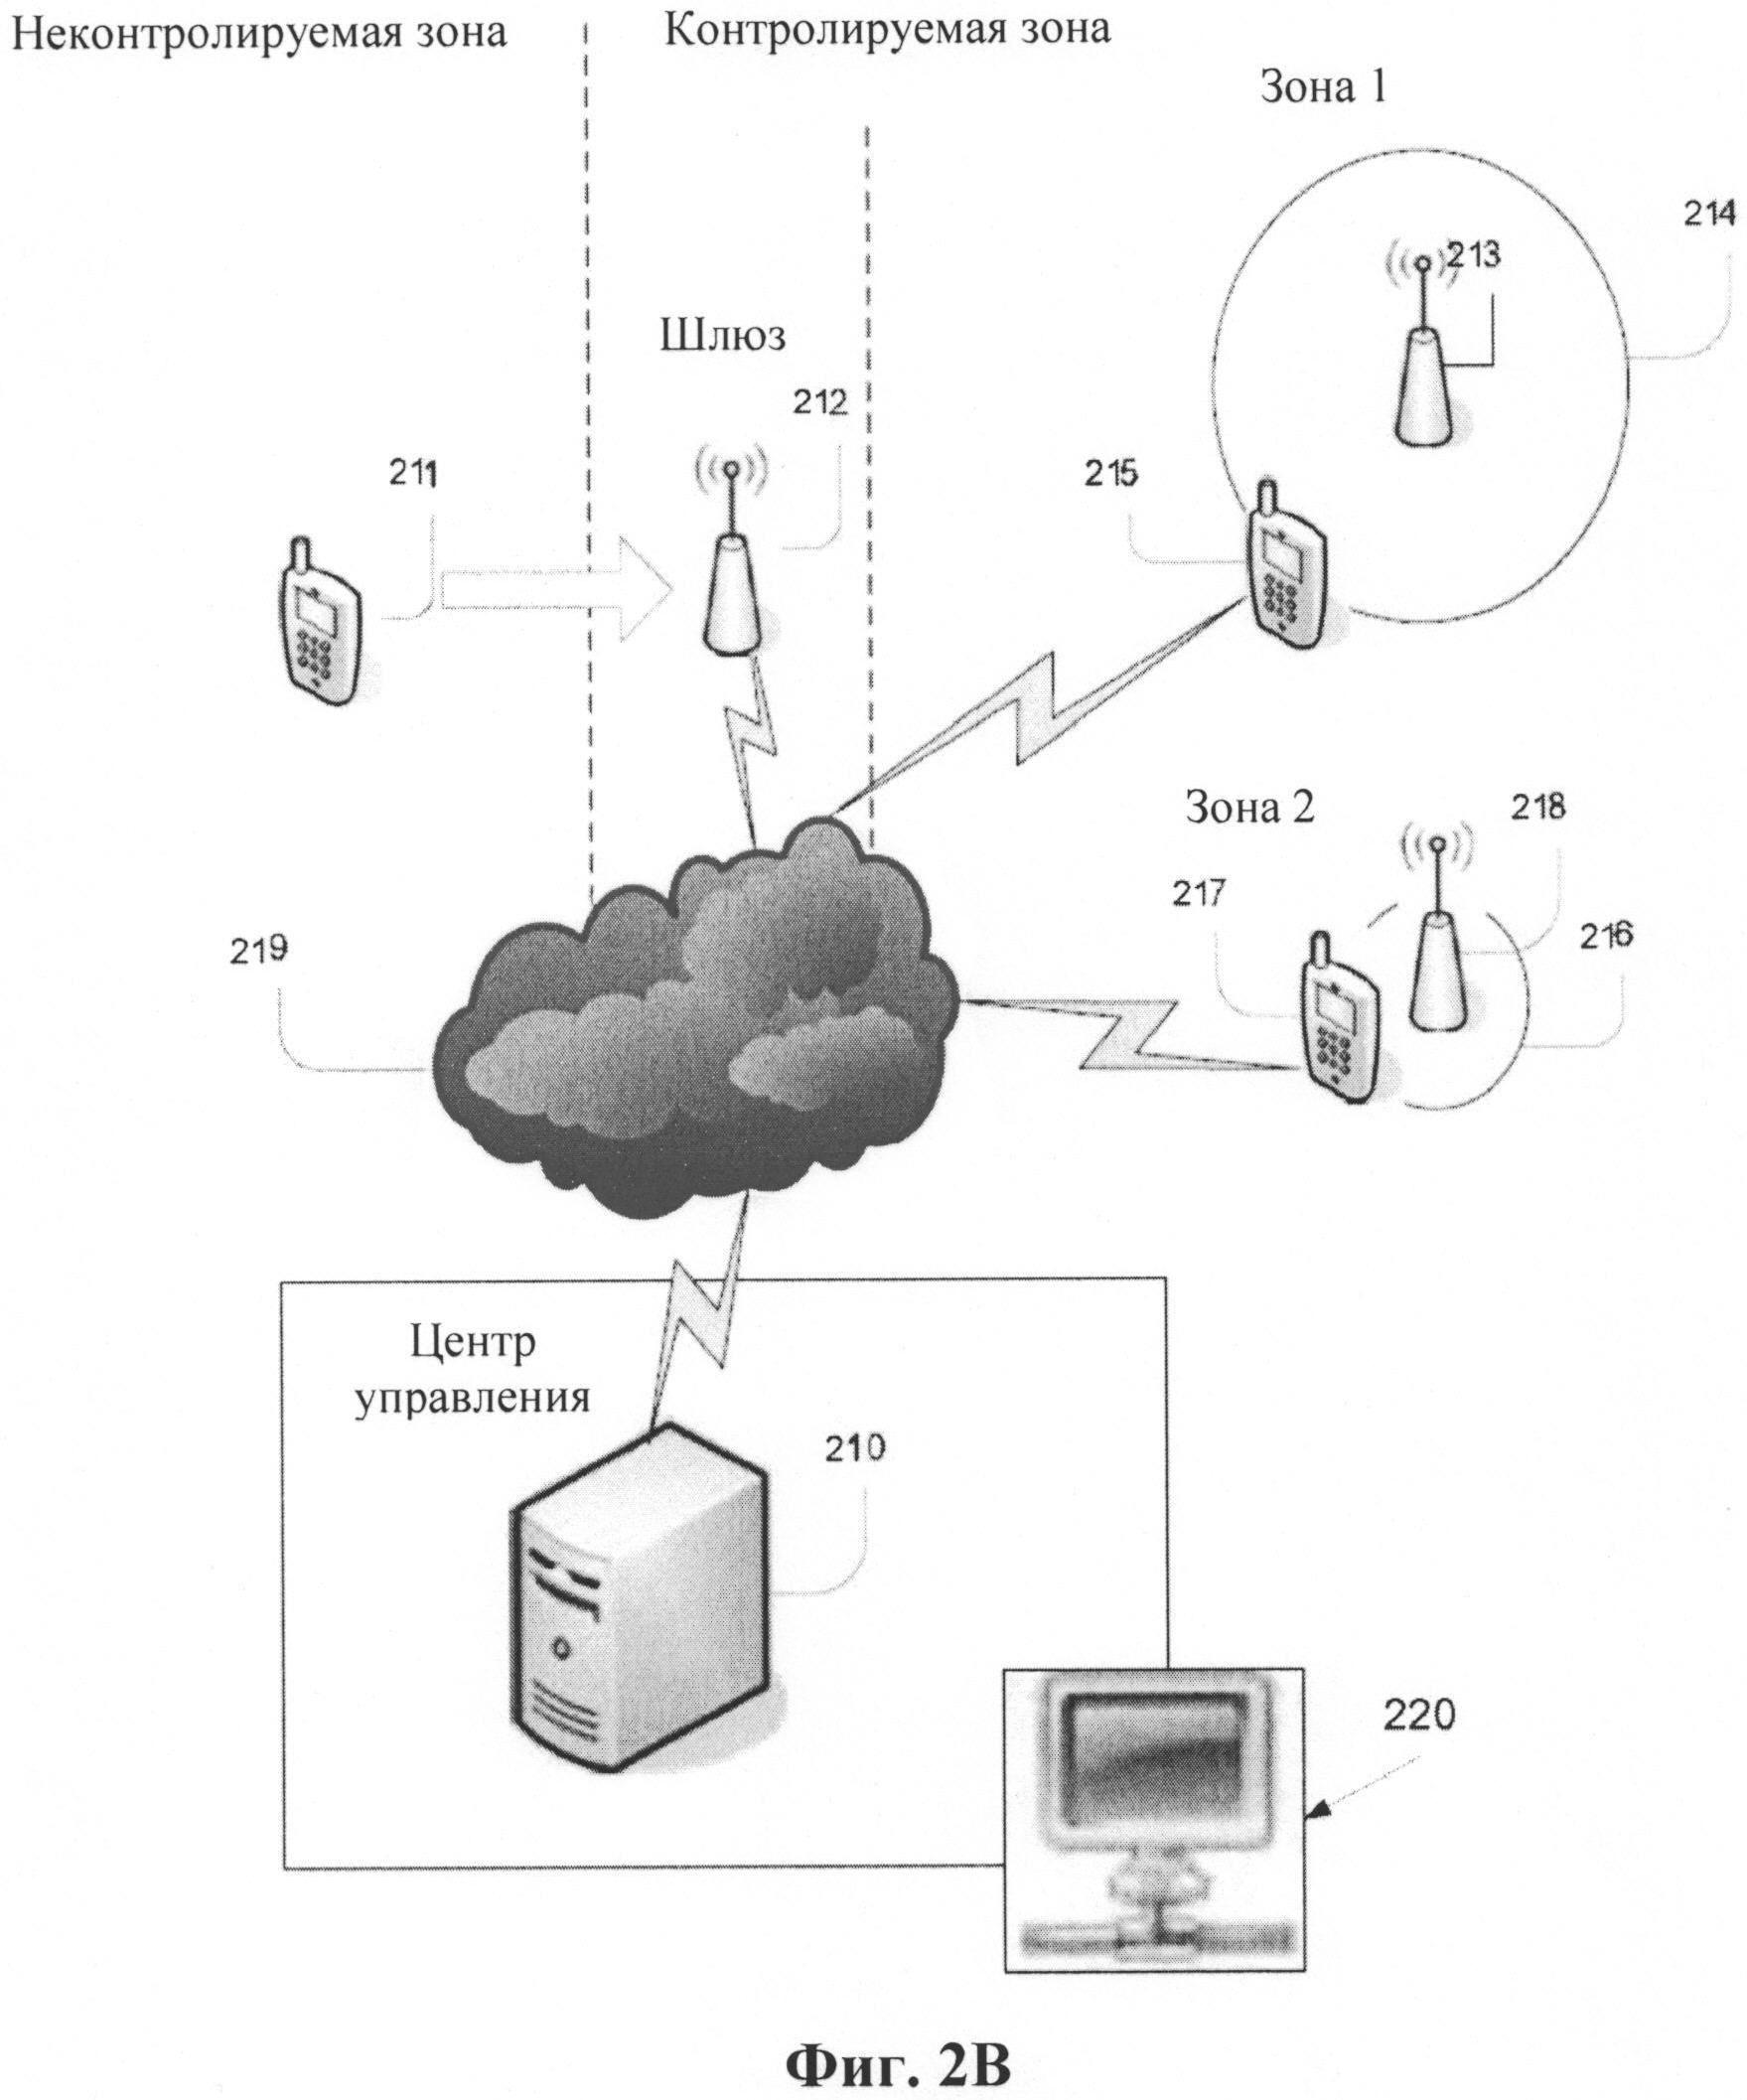 Системы и способы позиционирования и изменение приложений для вычислительных устройств в зависимости от местоположения